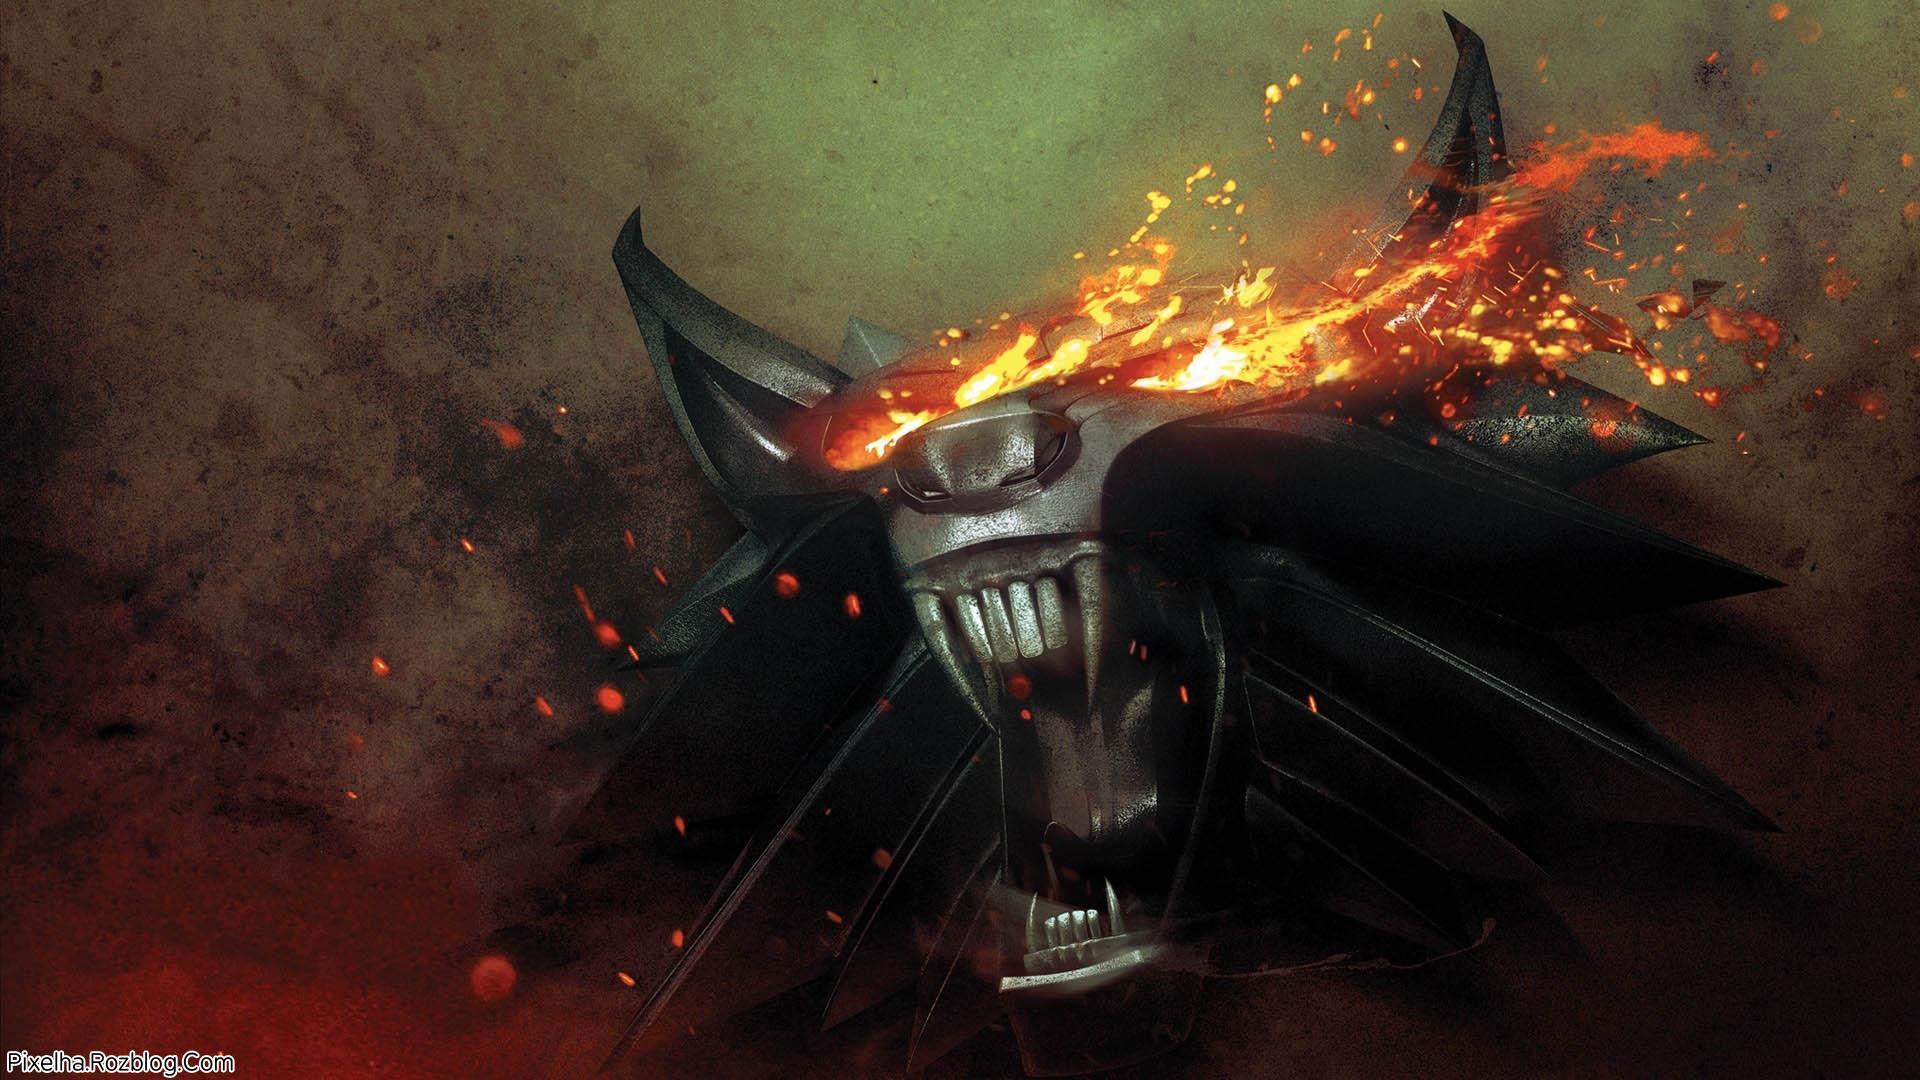 گرگ آهنی با چشمان شعله ور